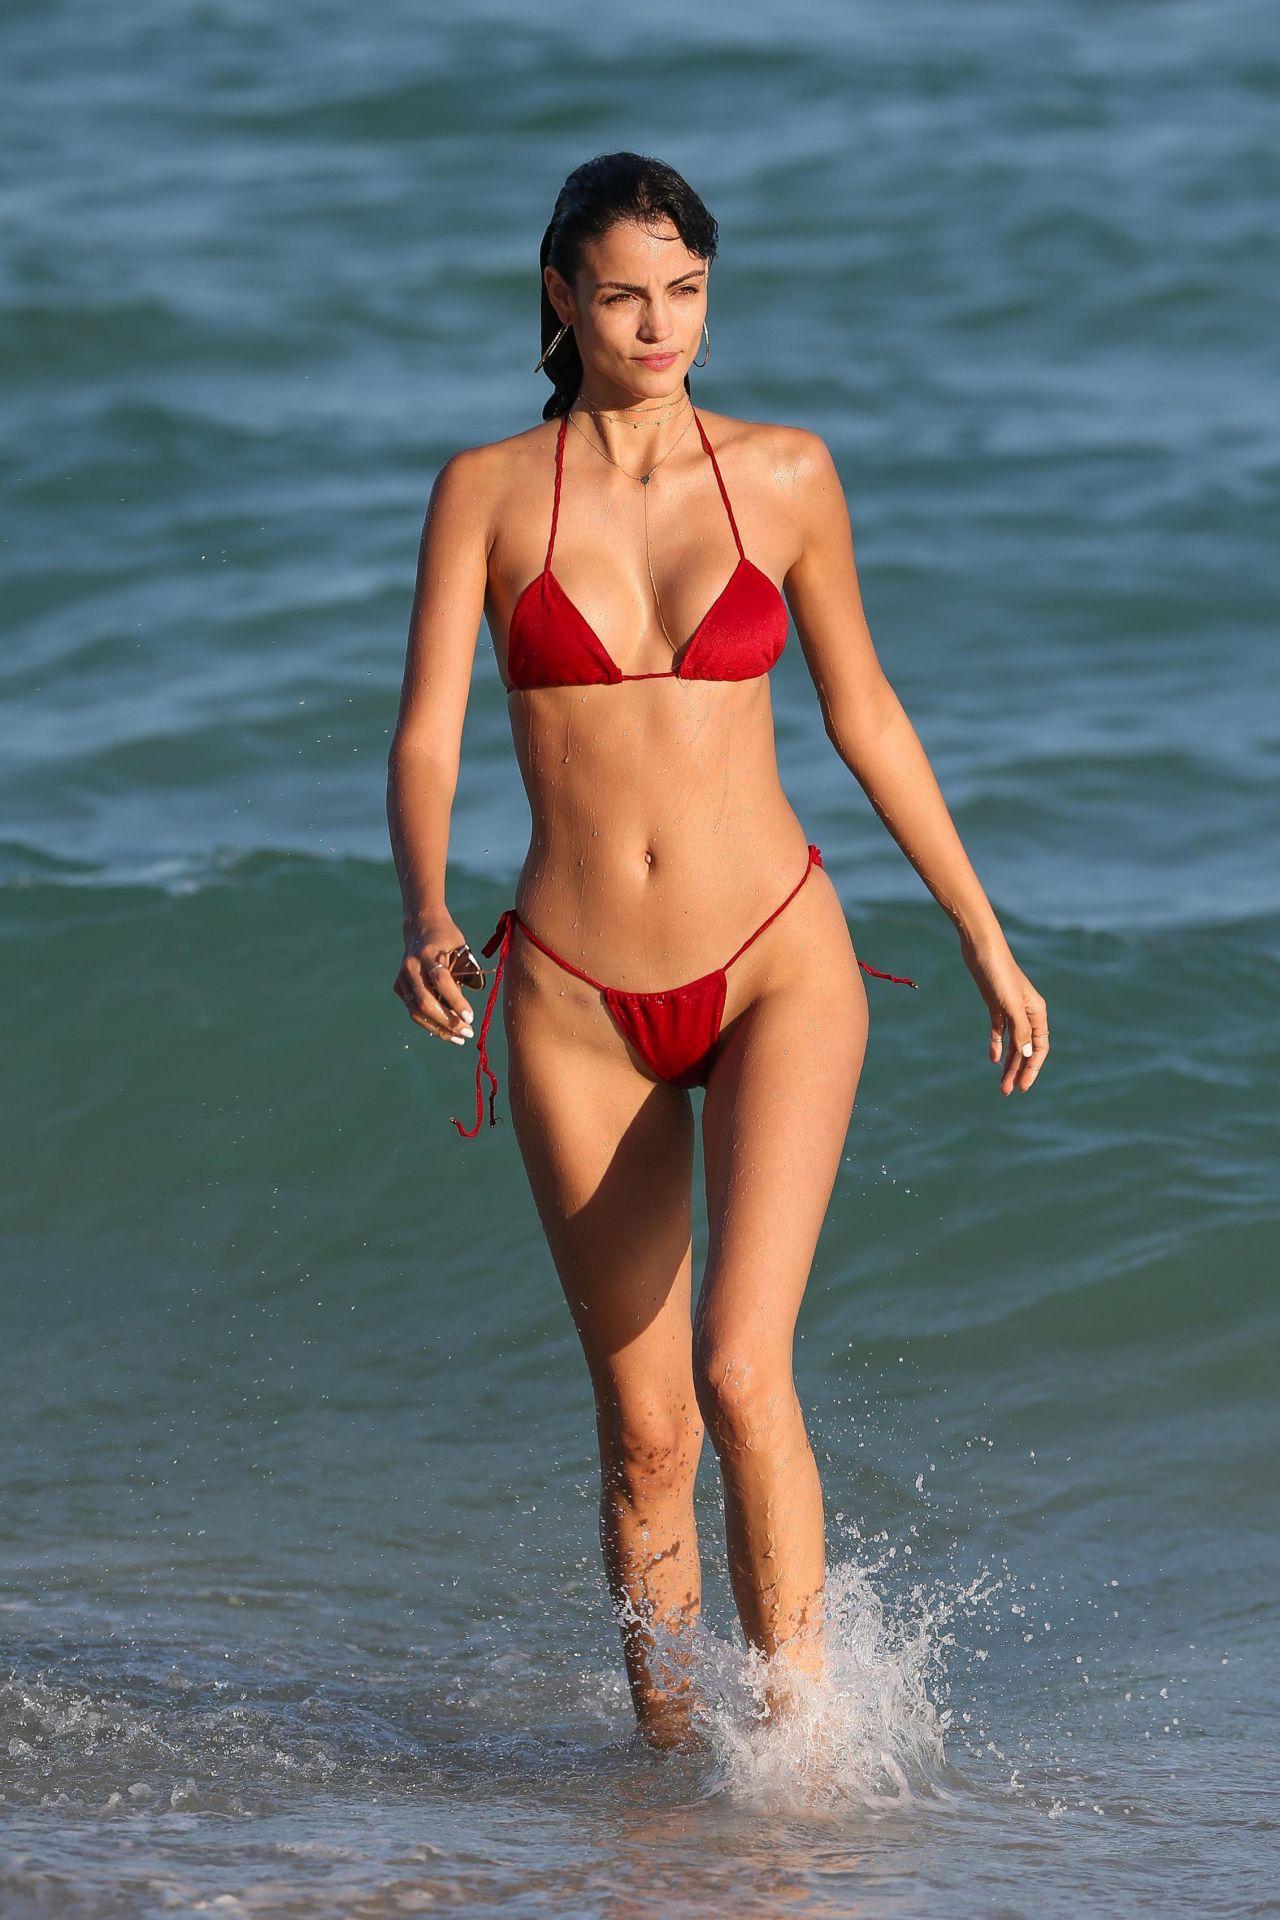 Sofia Resing in Skimpy Red Bikini in Miami Pic 1 of 35